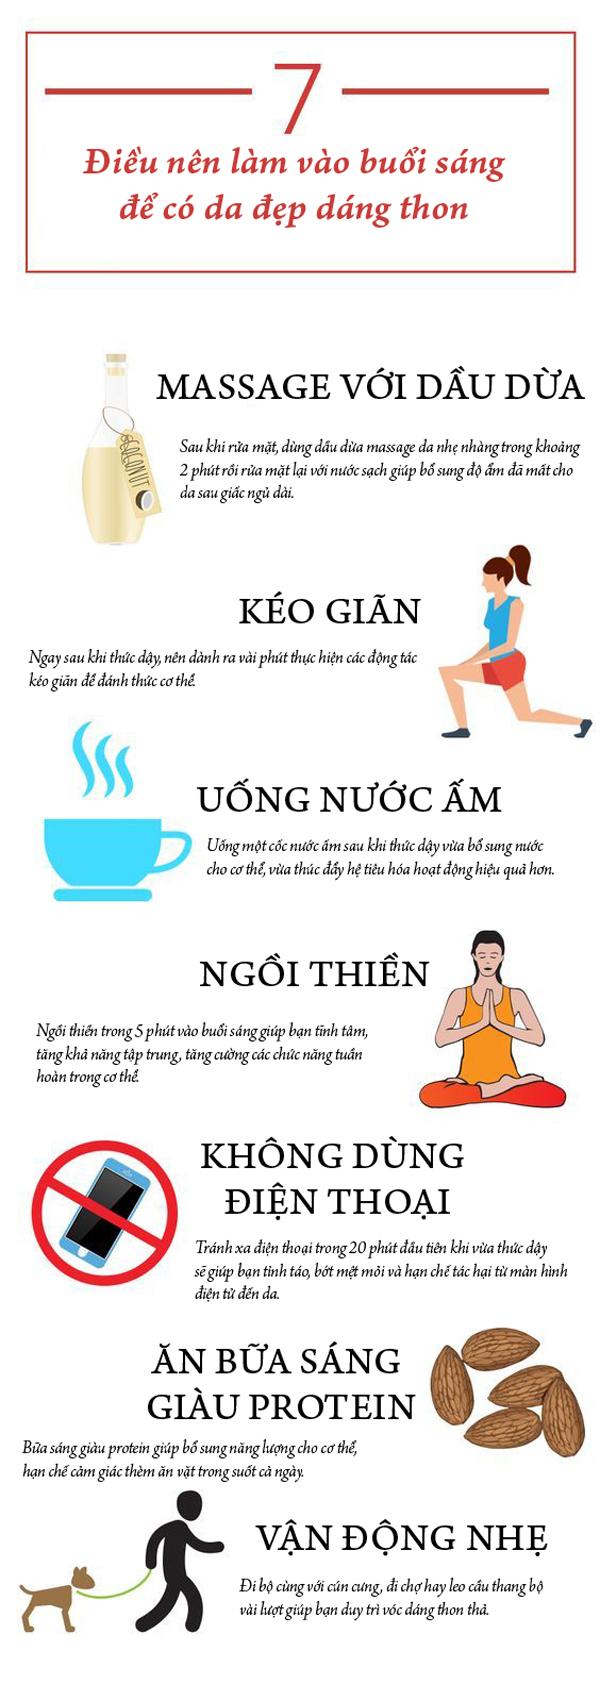 7 điều nên làm vào buổi sáng để có da đẹp, dáng thon